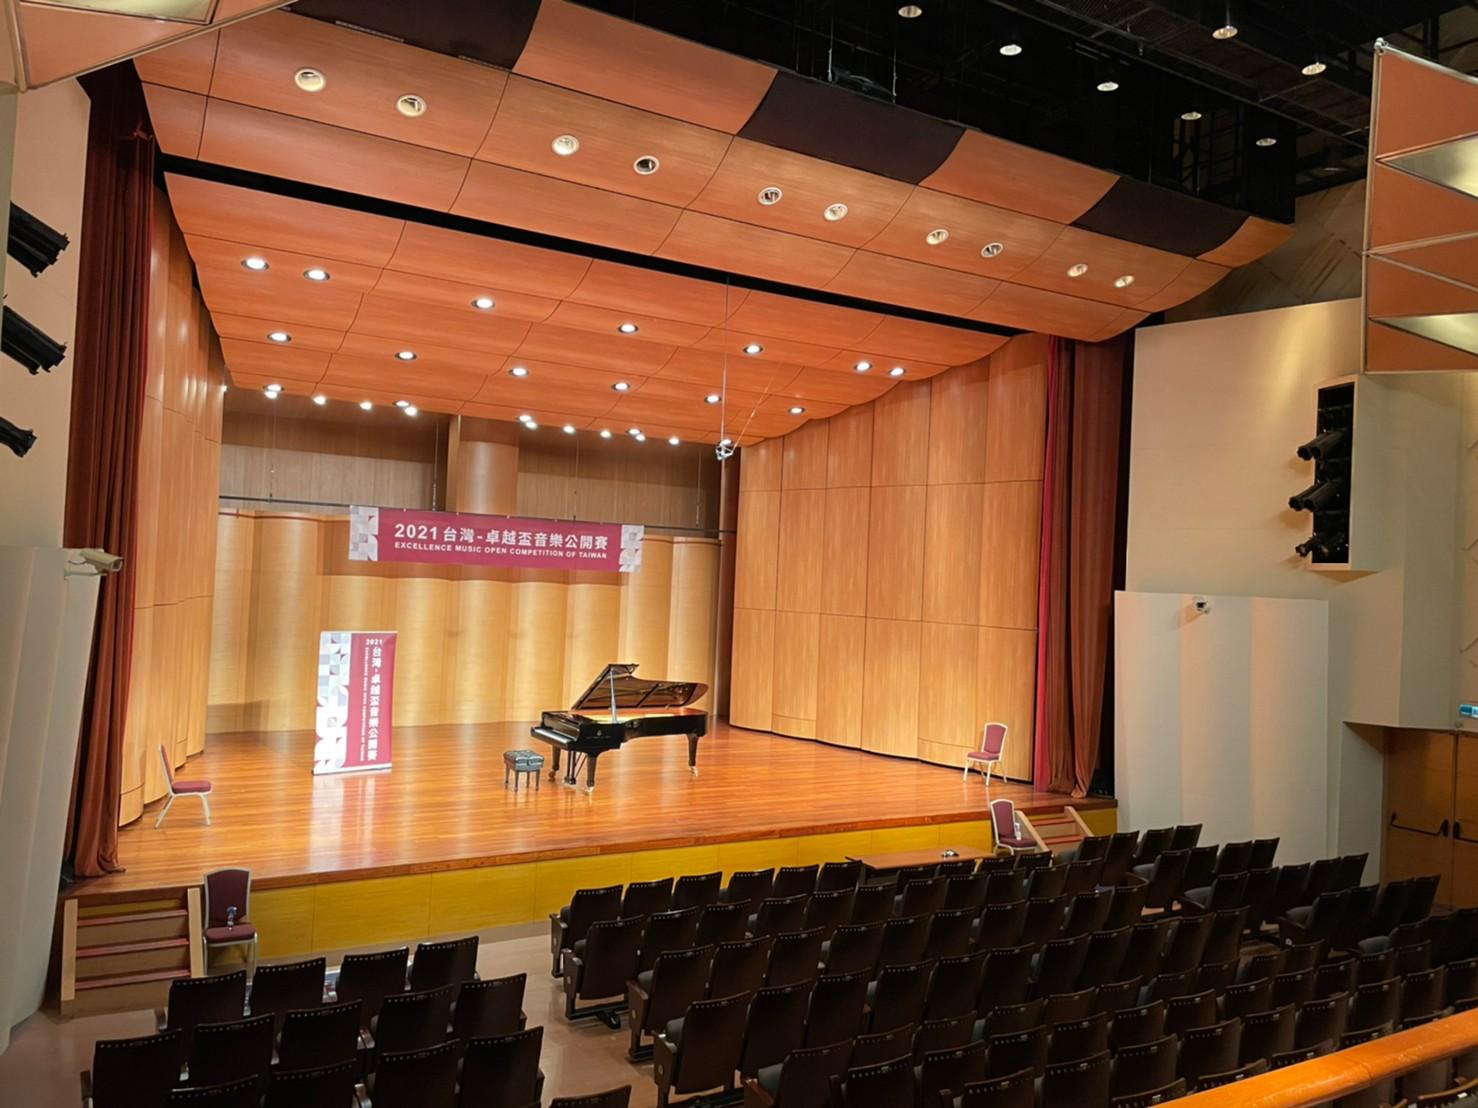 2021EIMOC卓越盃國際音樂公開賽